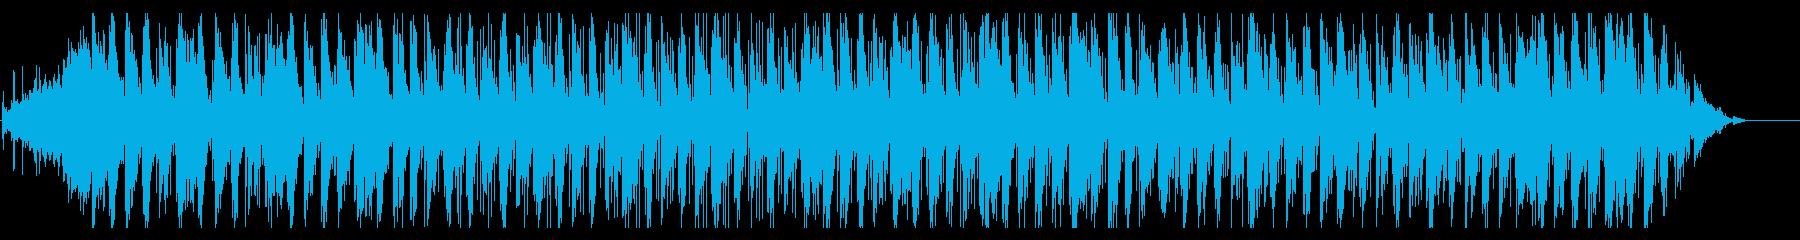 アンビエント、クール、静かの再生済みの波形